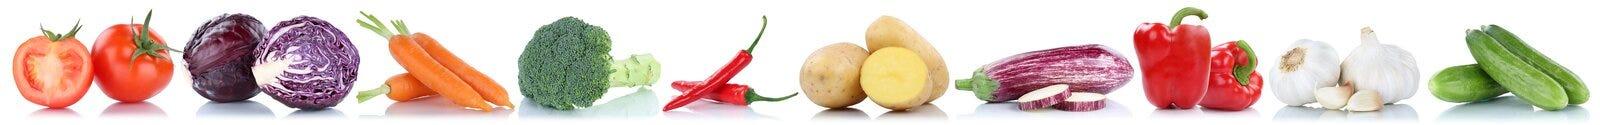 Cucumb di verdure dei pomodori delle patate dell'alimento fresco delle carote delle verdure Fotografie Stock